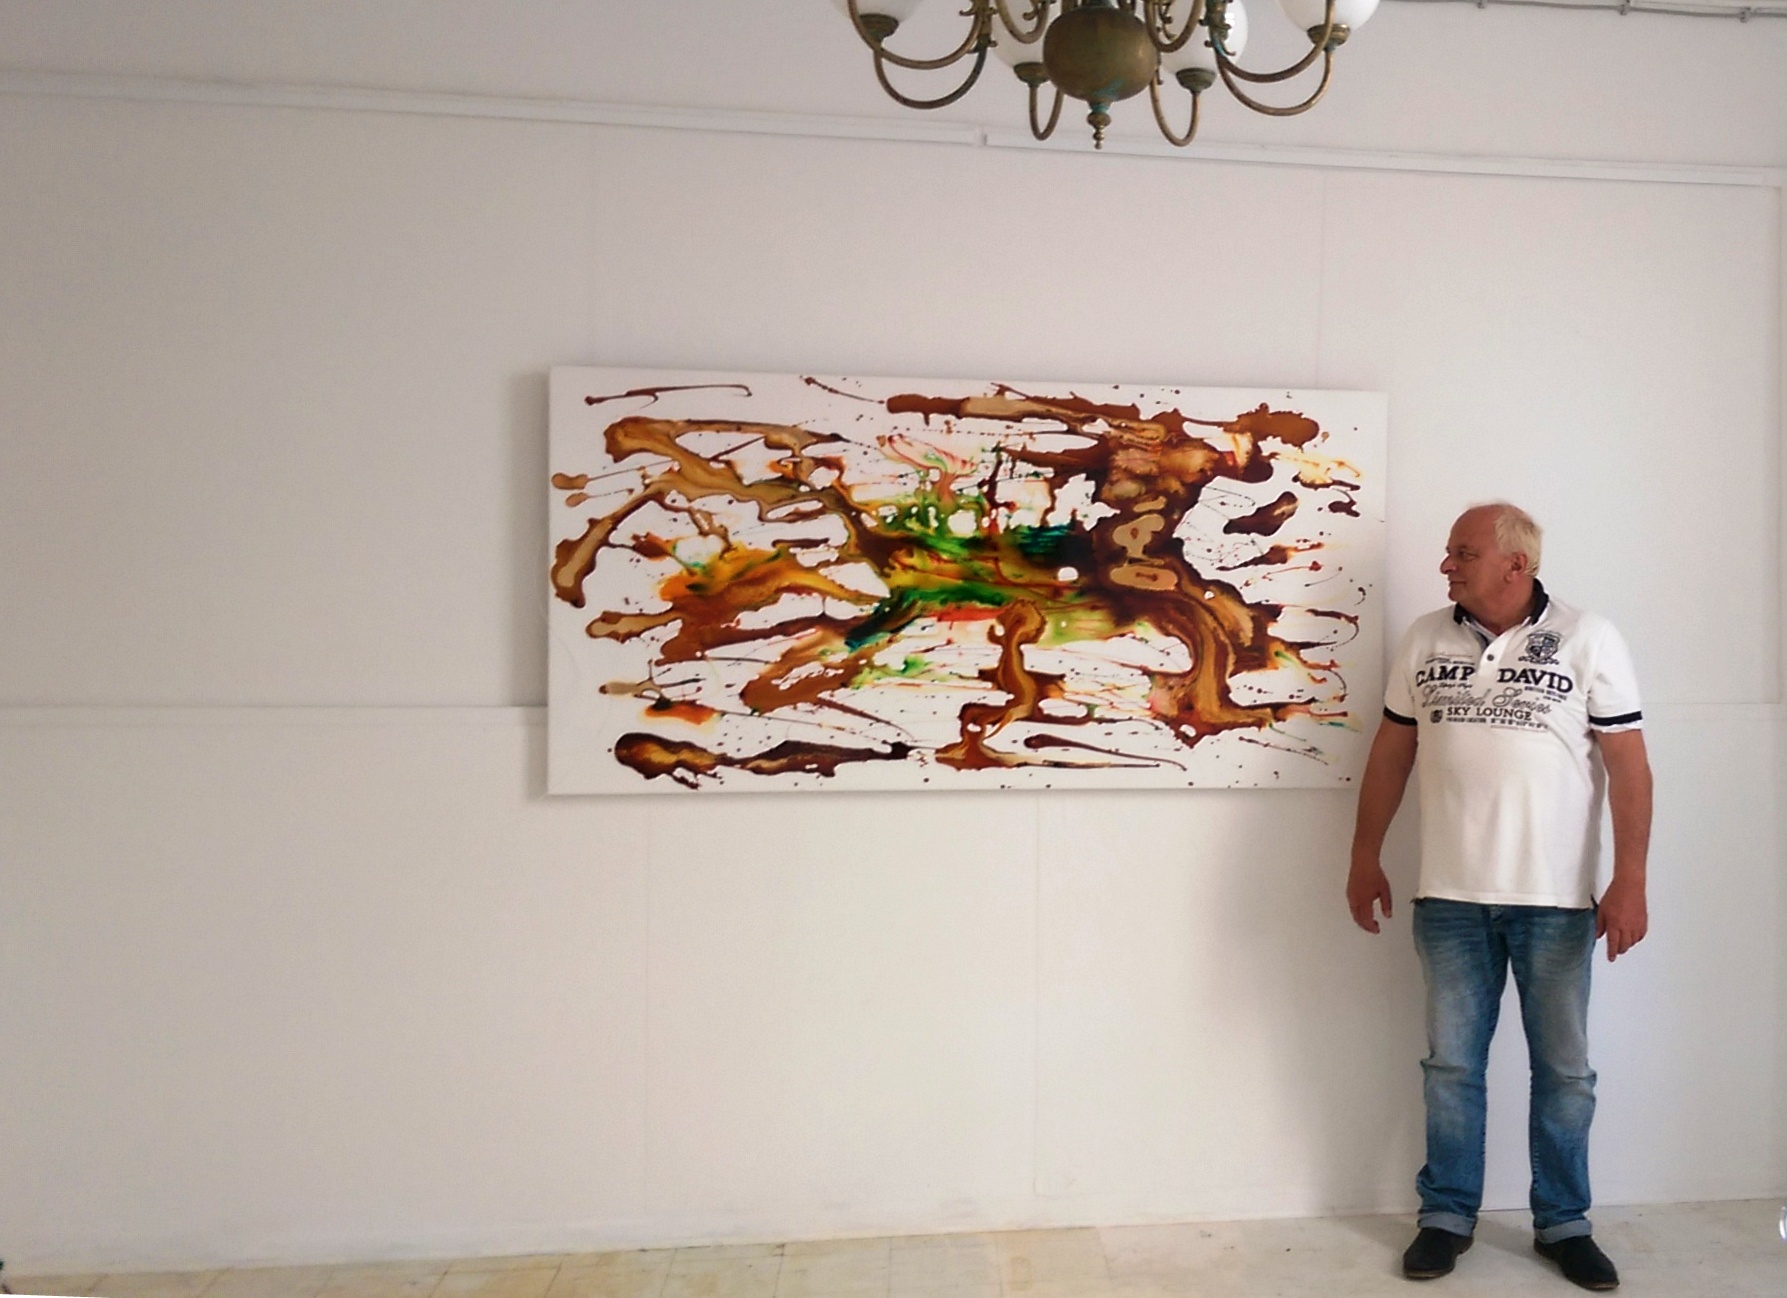 1 Milliarde EURO! Das derzeit teuerste Kunstwerk der Welt kommt aus der Kunststadt Mülheim an der Ruhr